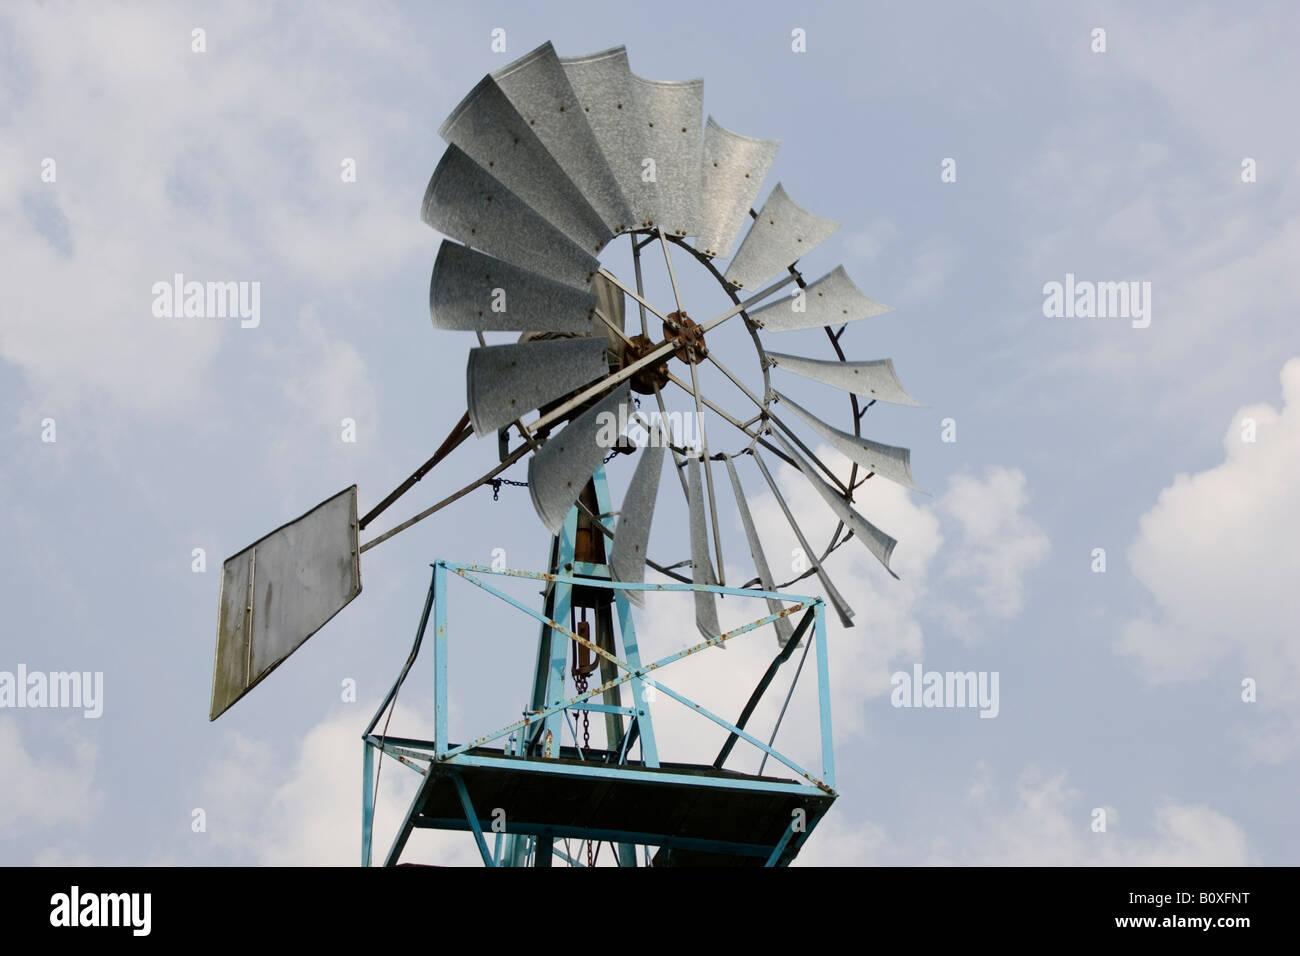 Wind angetriebene Wasserpumpe Zentrum für Alternative Technologie Wales UK Stockbild